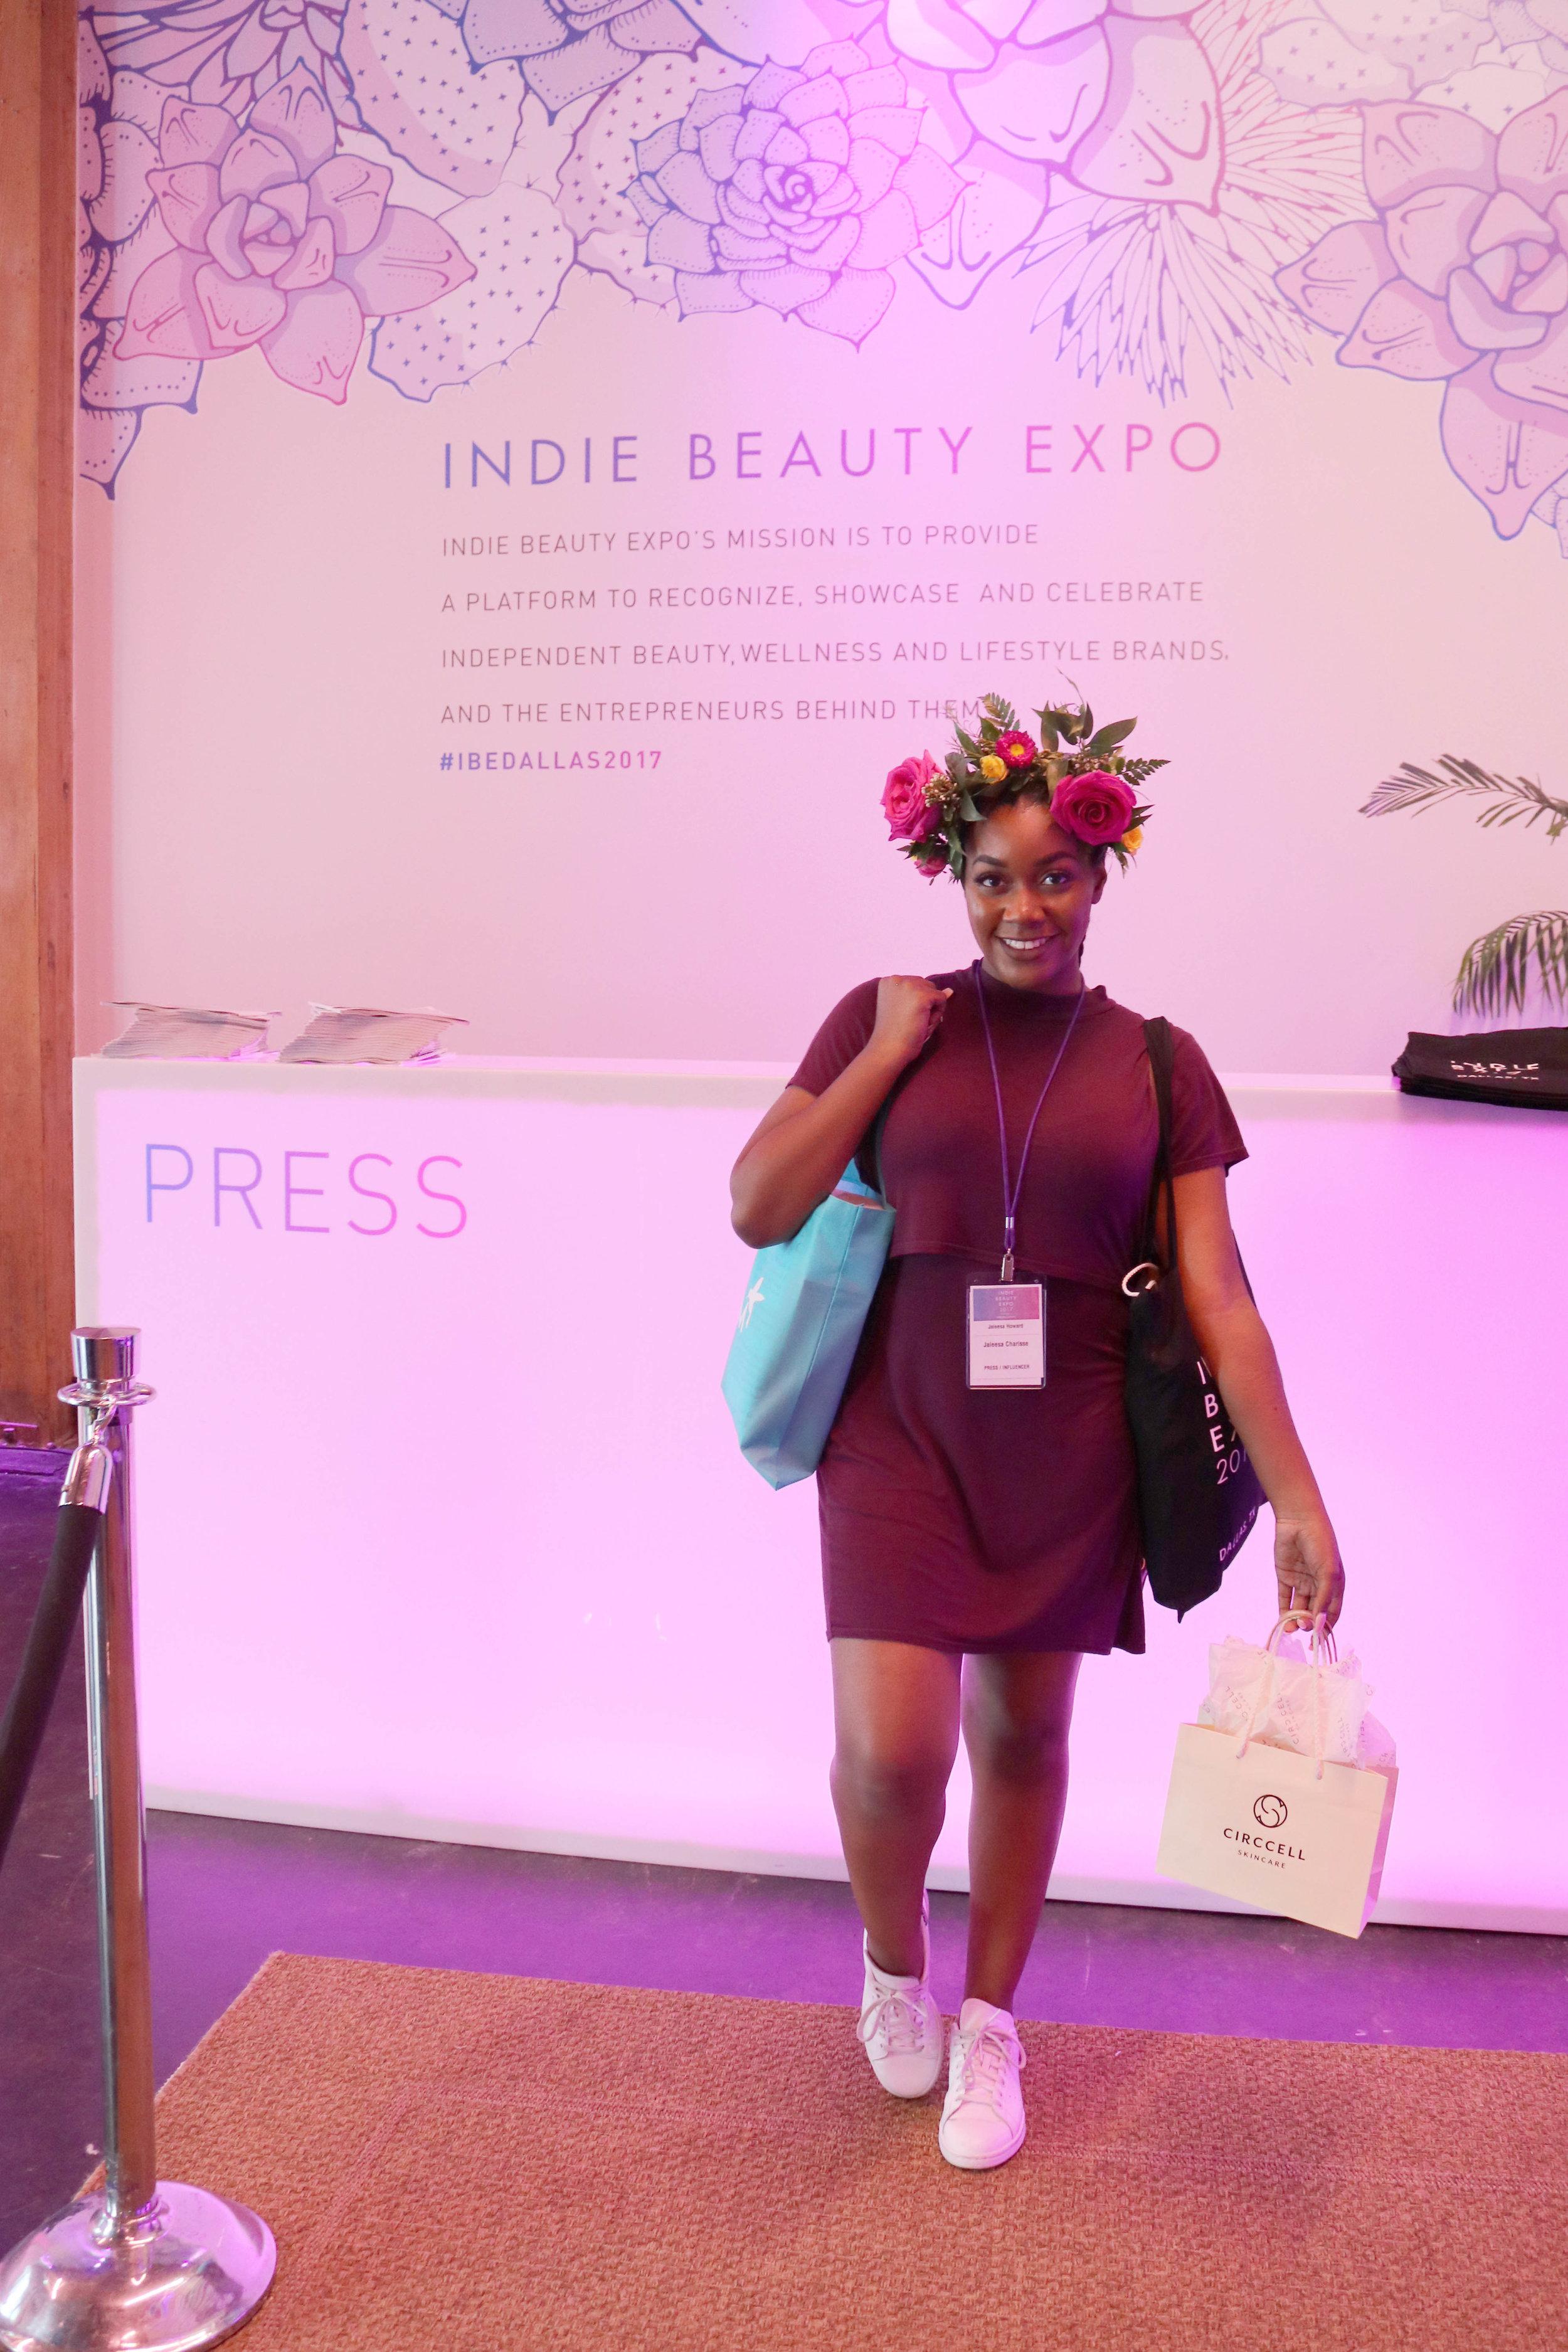 jaleesa-charisse-indie-beauty-expo-dallas